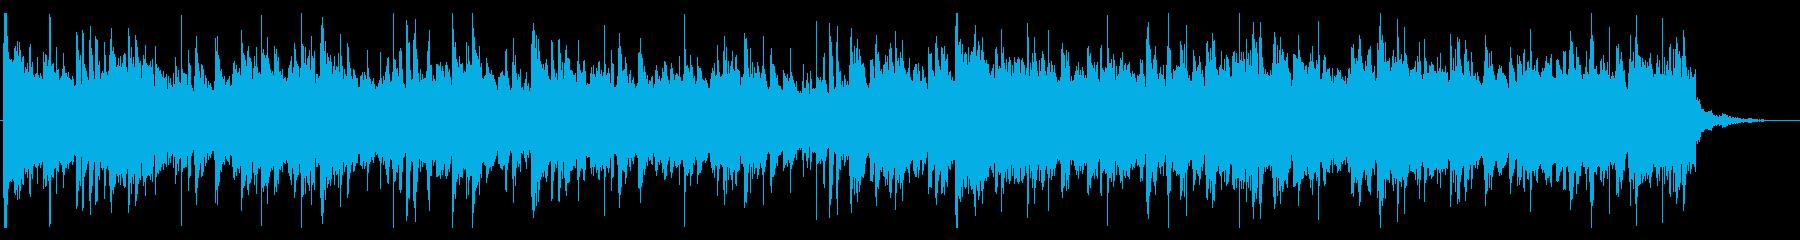 幻想的/夢/リラックス_No608_5の再生済みの波形